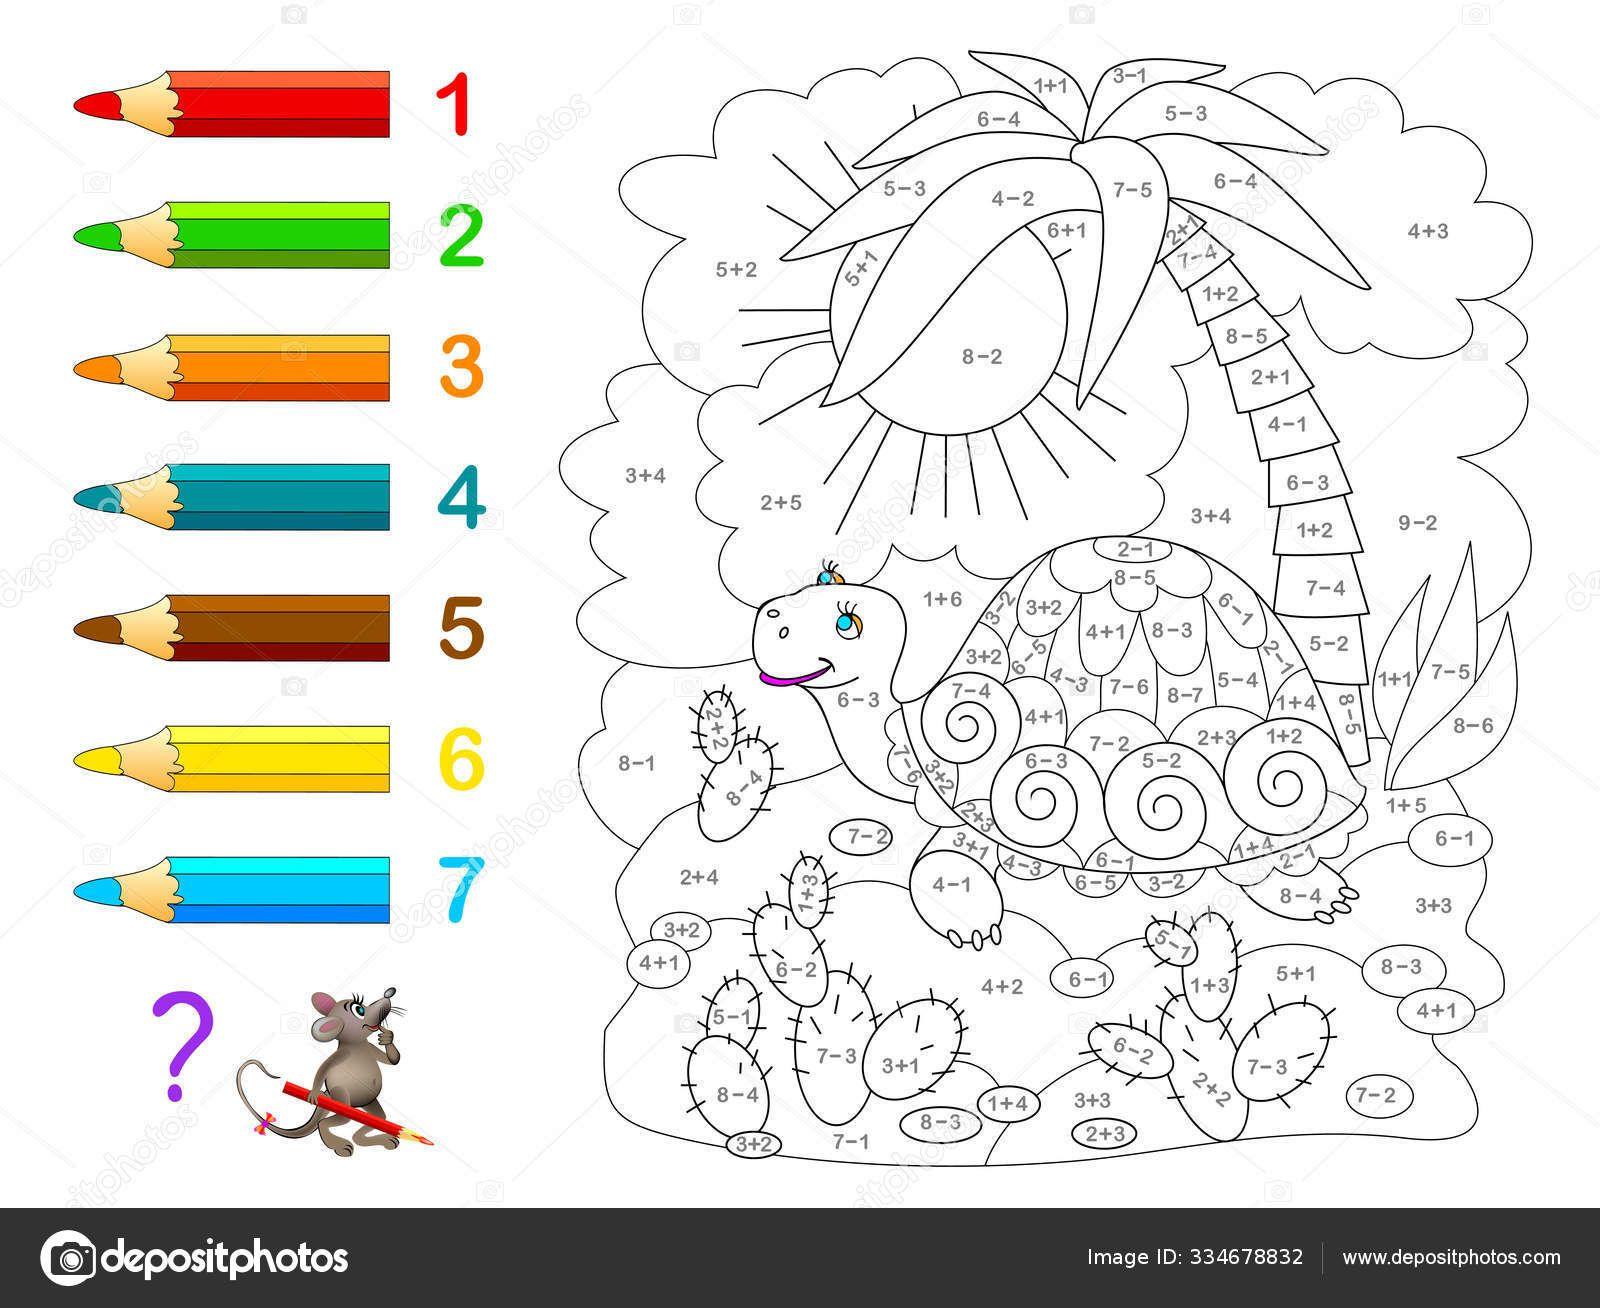 การเร ยนคณ ตศาสตร สำหร บเด ก สม ดระบายส แบบฝ กห ดทางคณ ตศาสตร เก ยวก บการบวกและลบ จงแก ต วอย างและวาดเ Education Math Preschool Coloring Pages Coloring Books